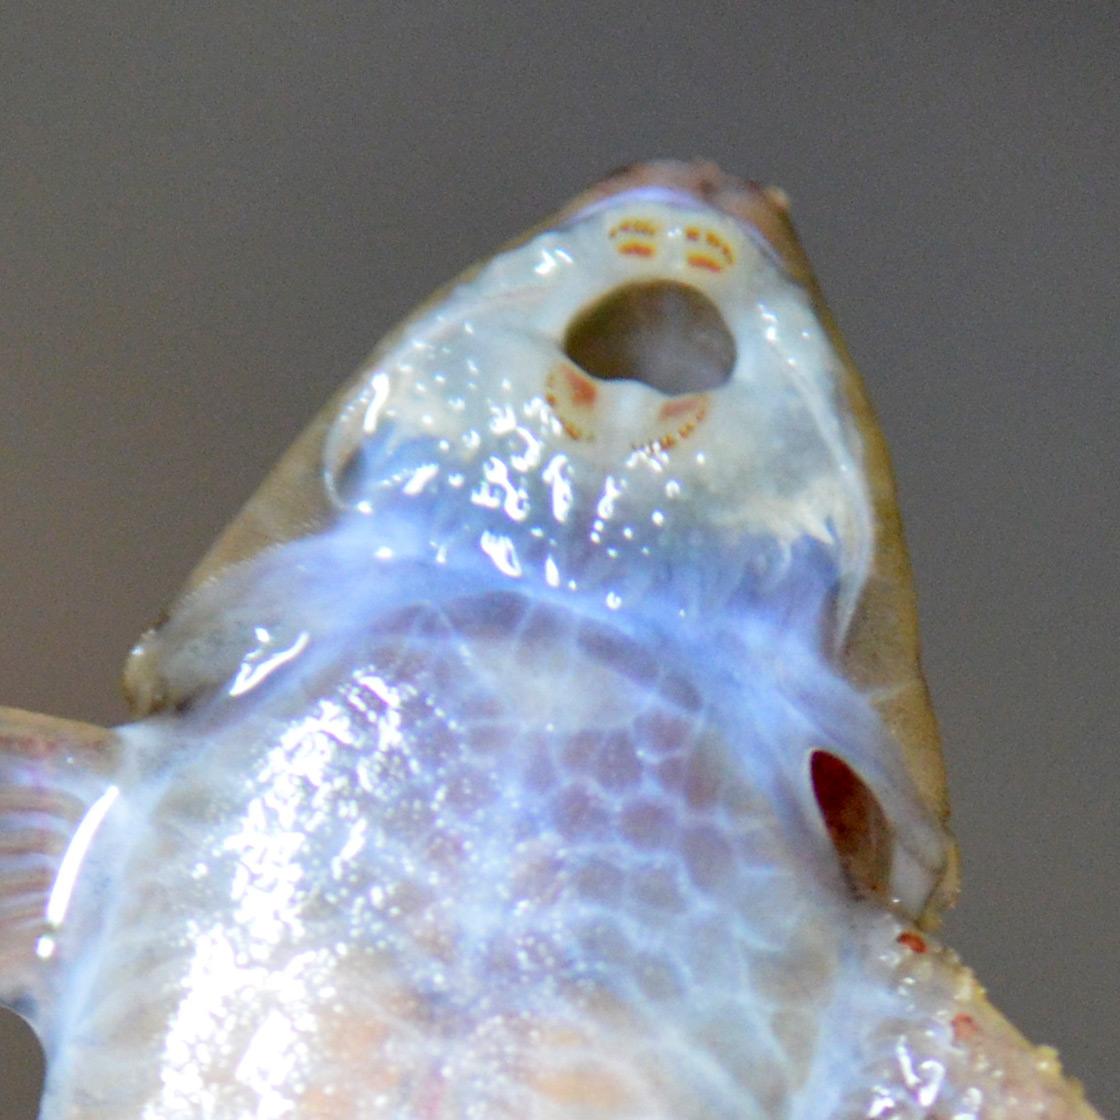 Hemiloricaria formosa